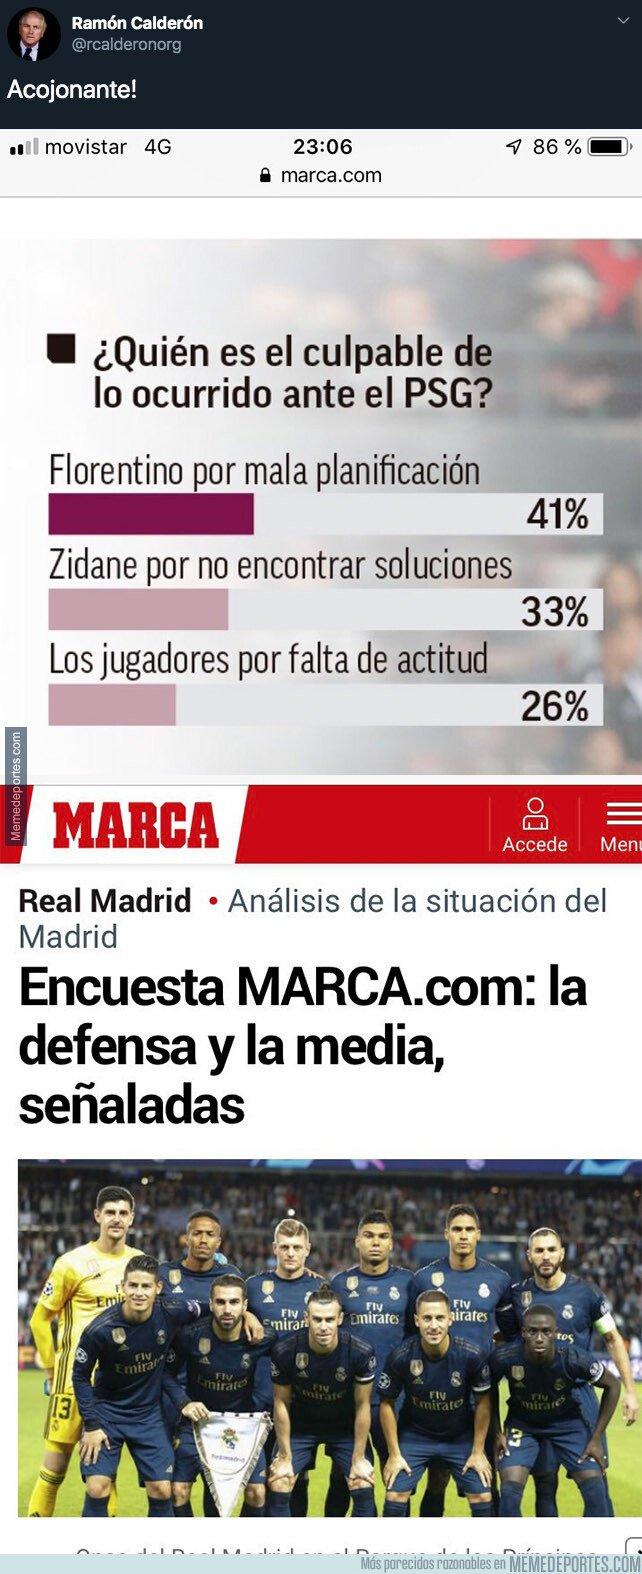 1086294 - Escándalo: Así es como el diario MARCA intenta ocultar la culpa de Florentino Pérez tras la derrota contra el PSG